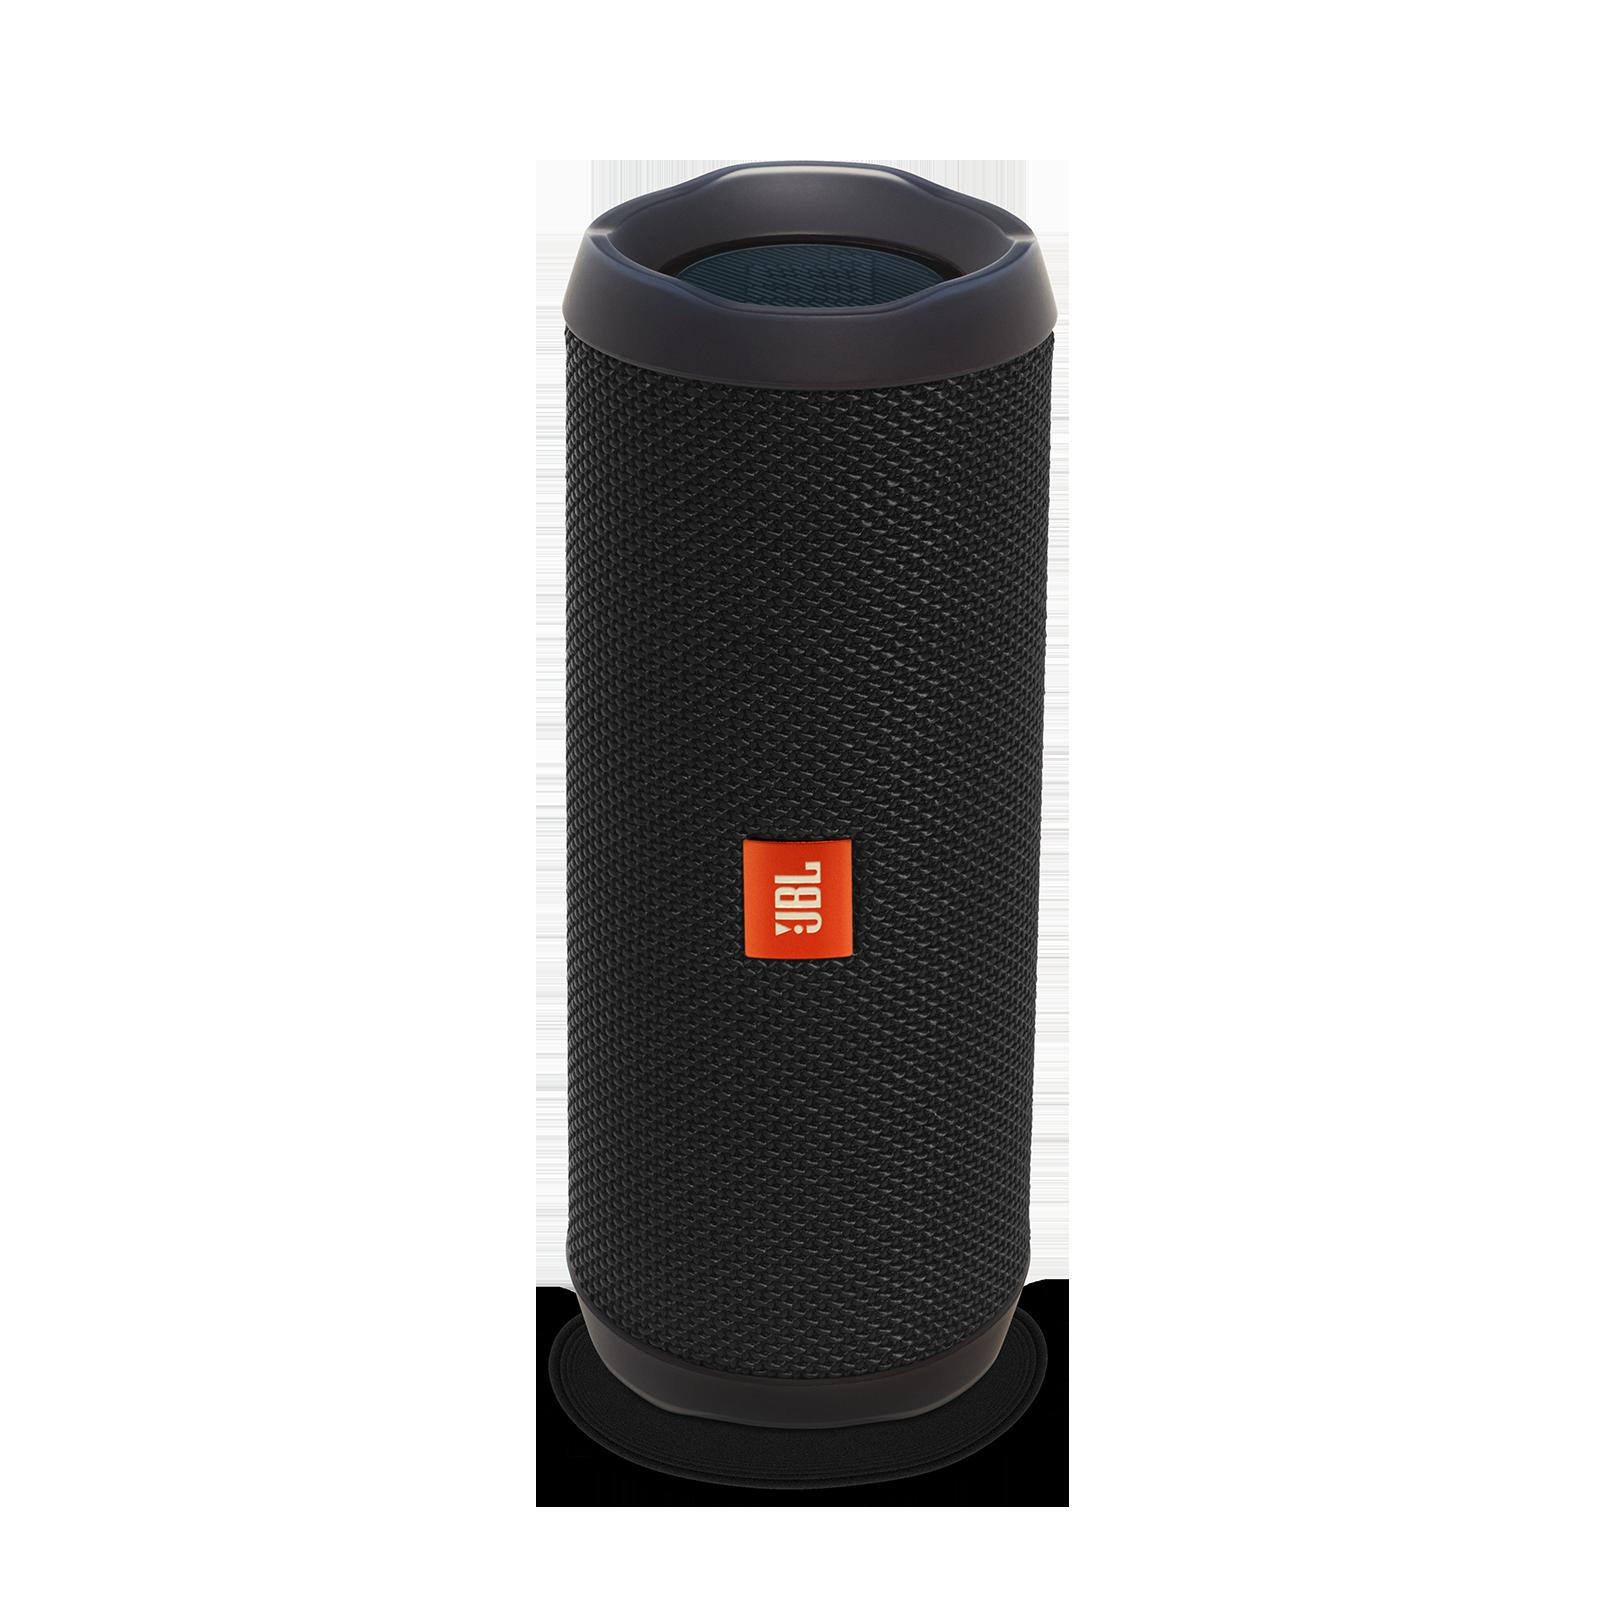 cb60be22777 JBL Flip 4 | Portable Bluetooth Speakers | JBL US